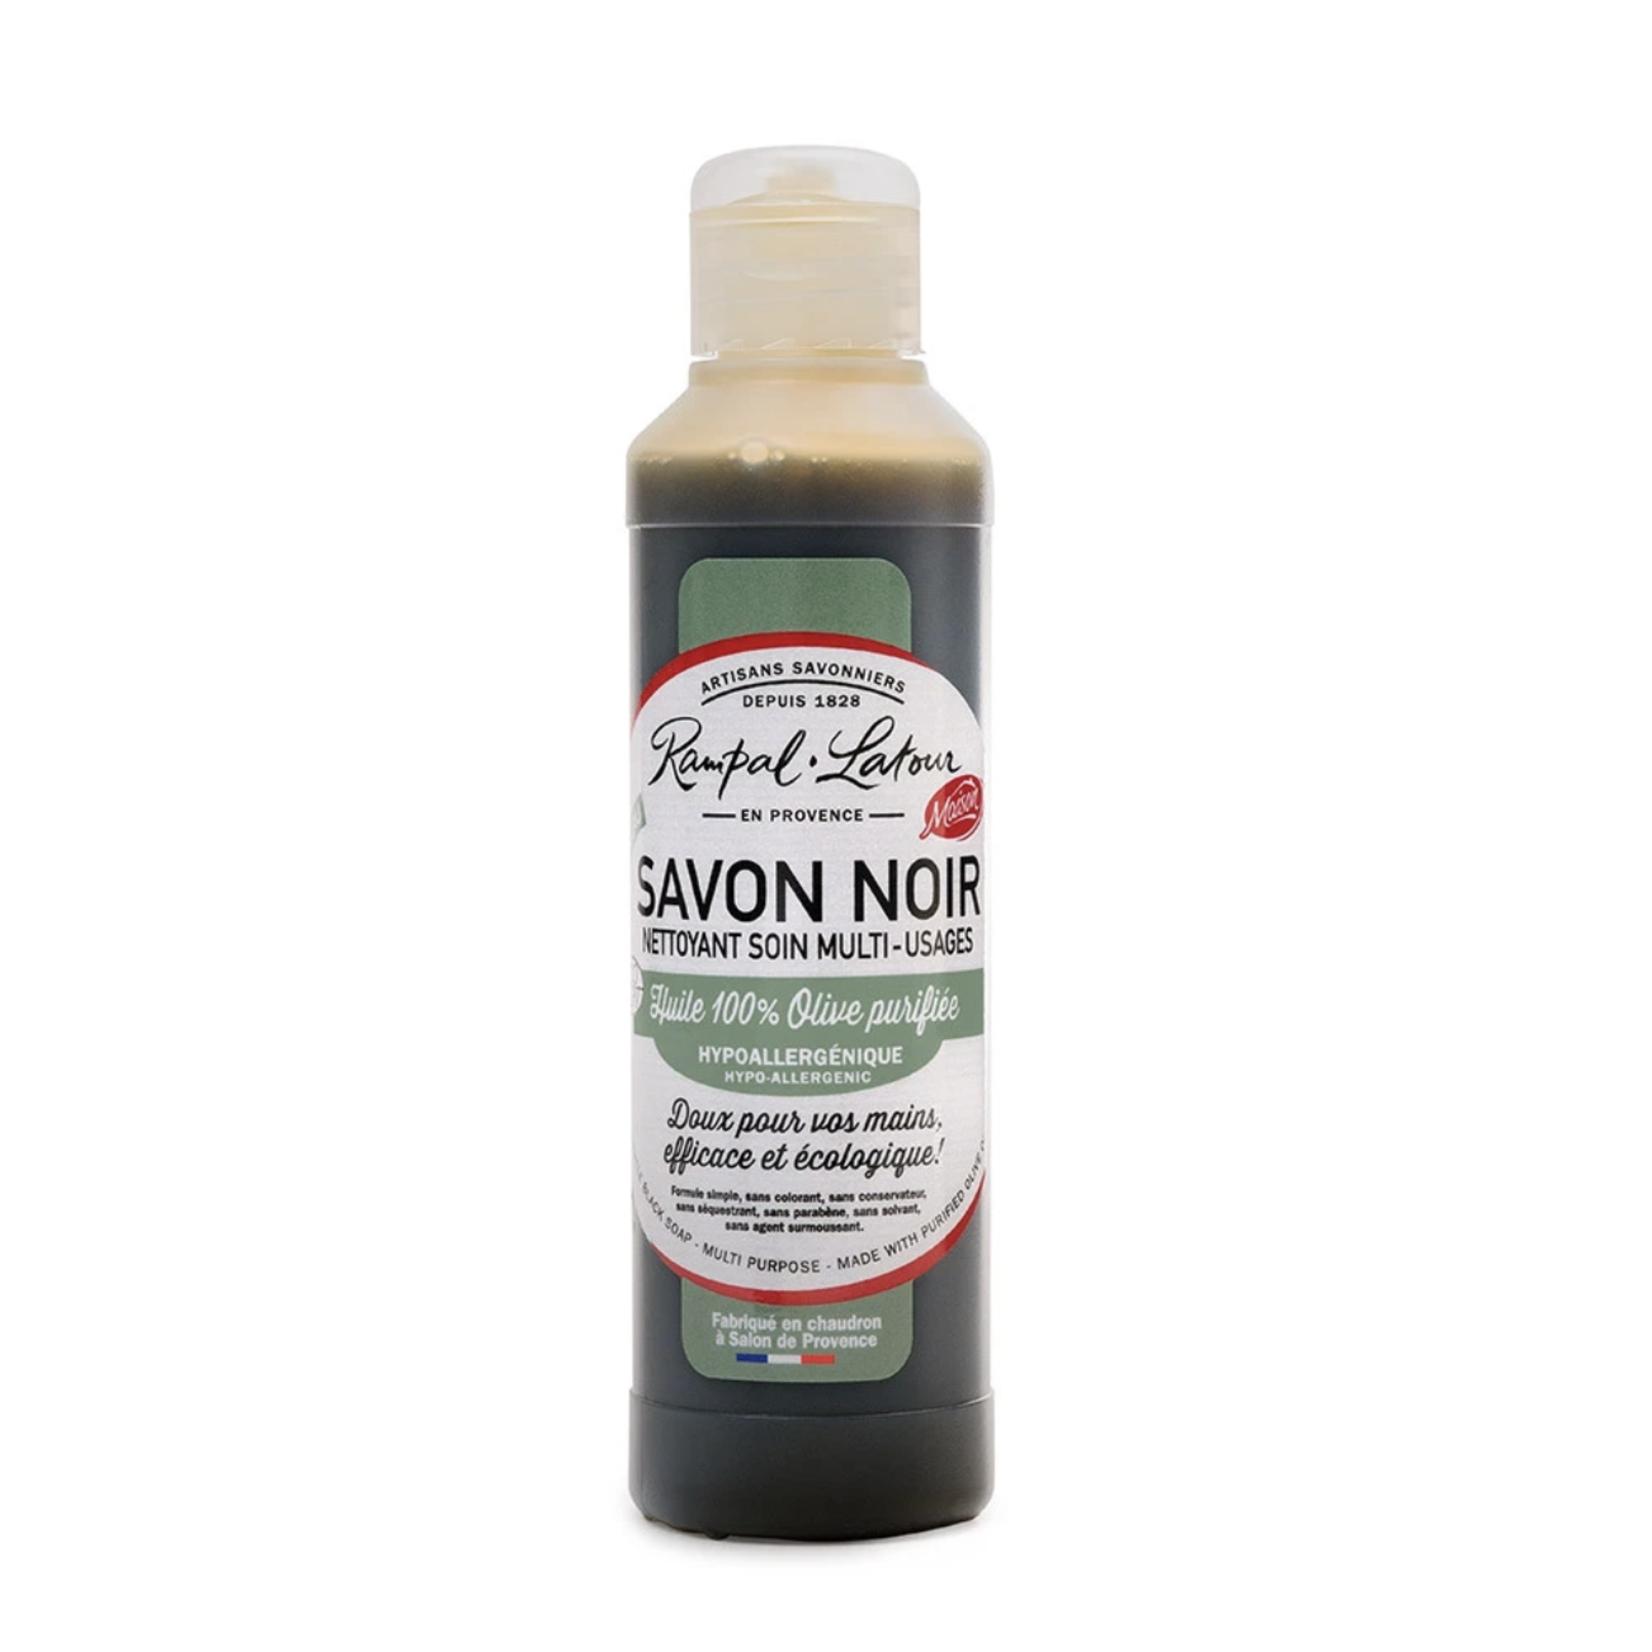 Rampal Latour Savon Noir Huile d'Olive 250ml